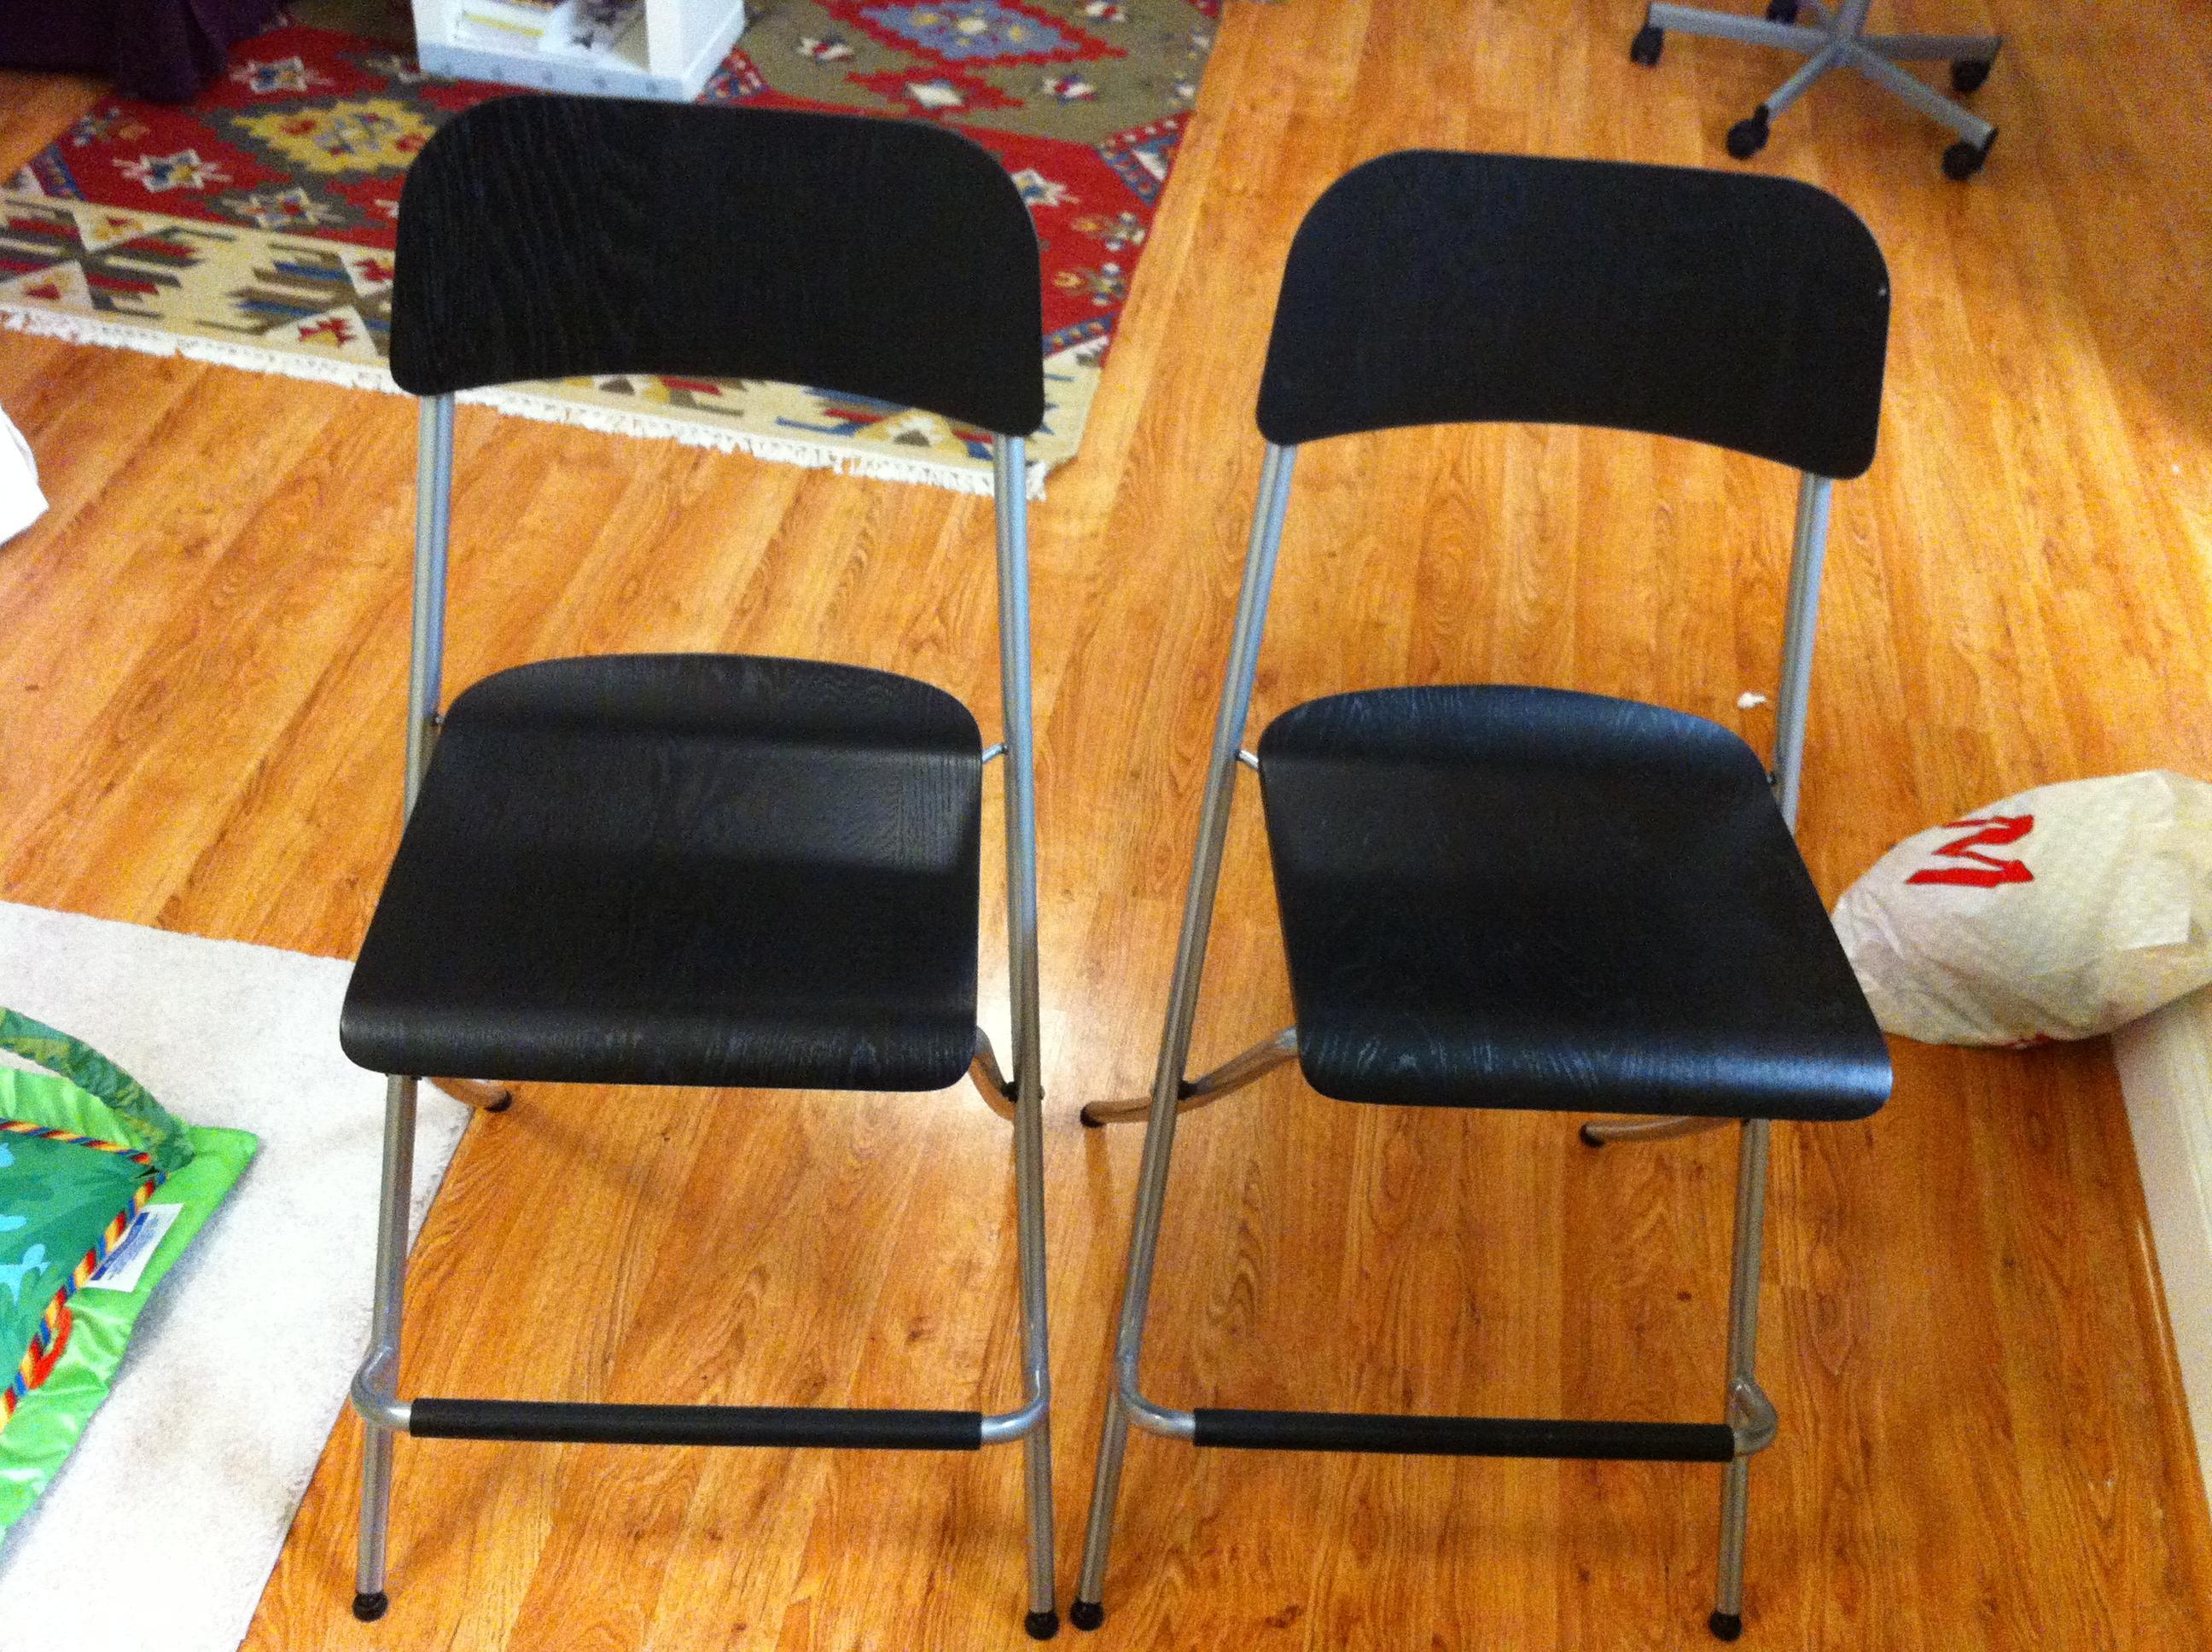 ���� ��� ������ ���� ����  ��������:FRANKLIN bar stool.JPG ���������:6 ��������:840.6 �������� �����:26883